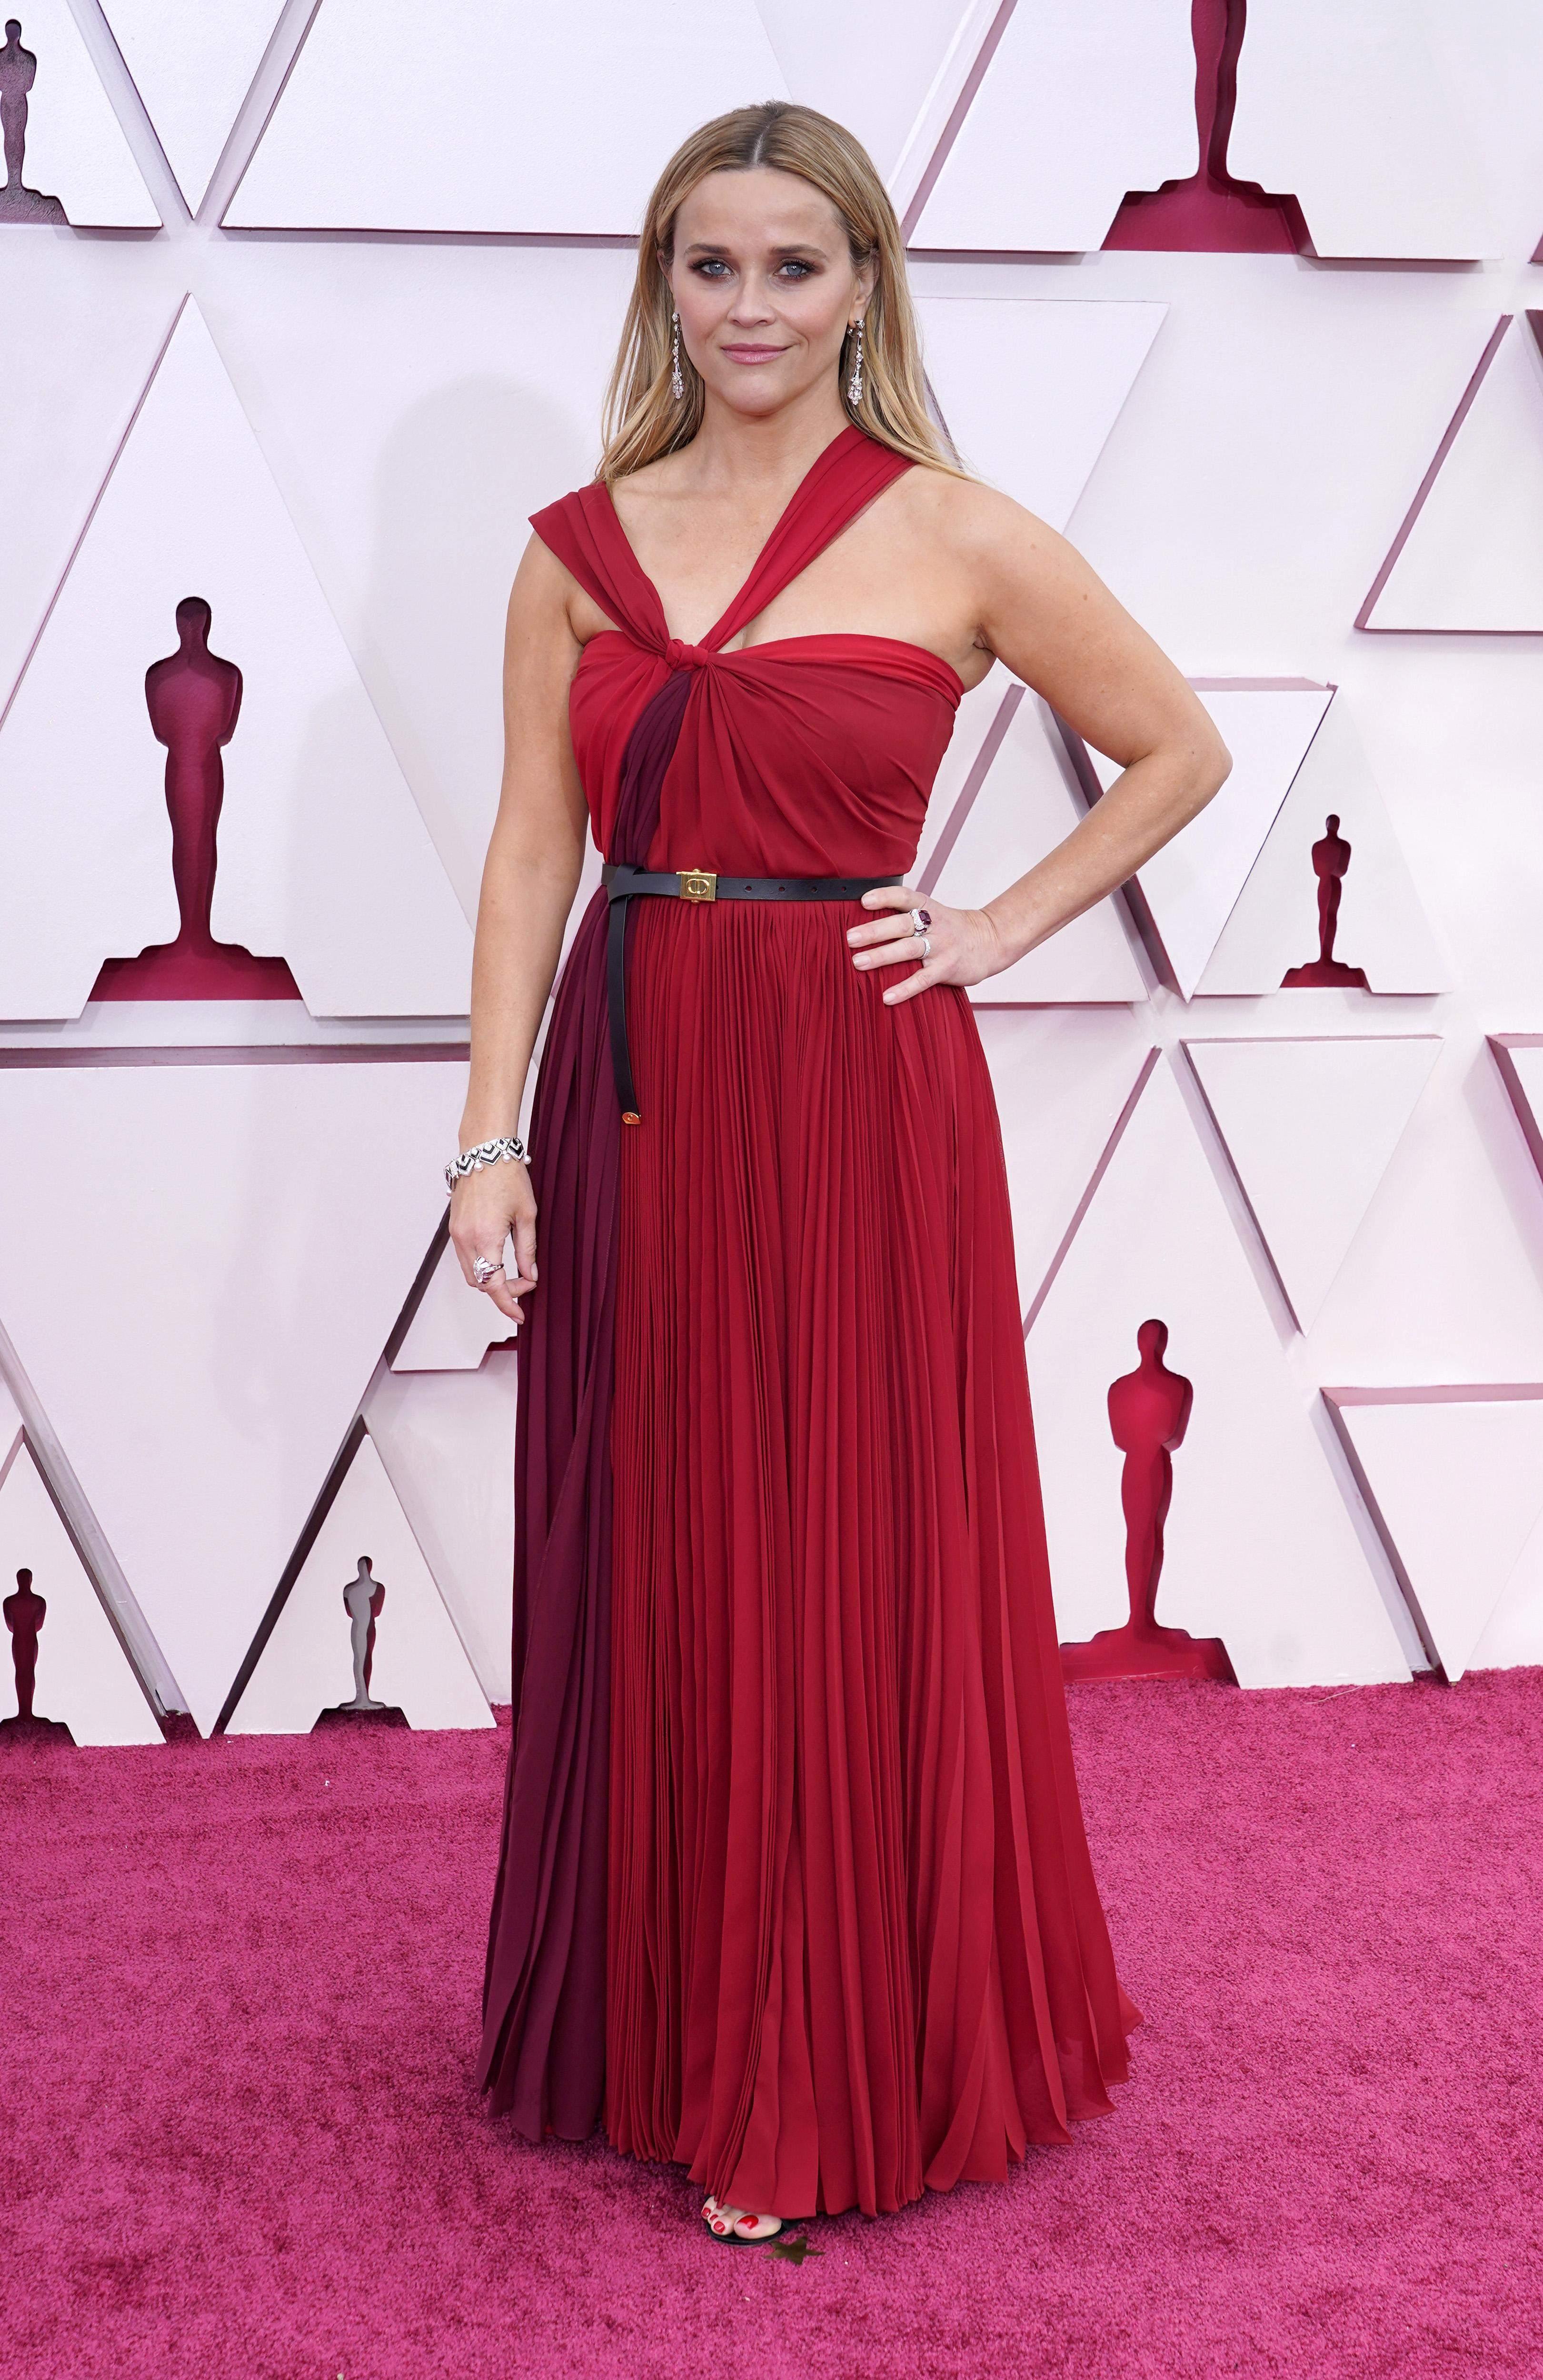 Розкішні прикраси знаменитостей на червоній доріжці / Getty Images